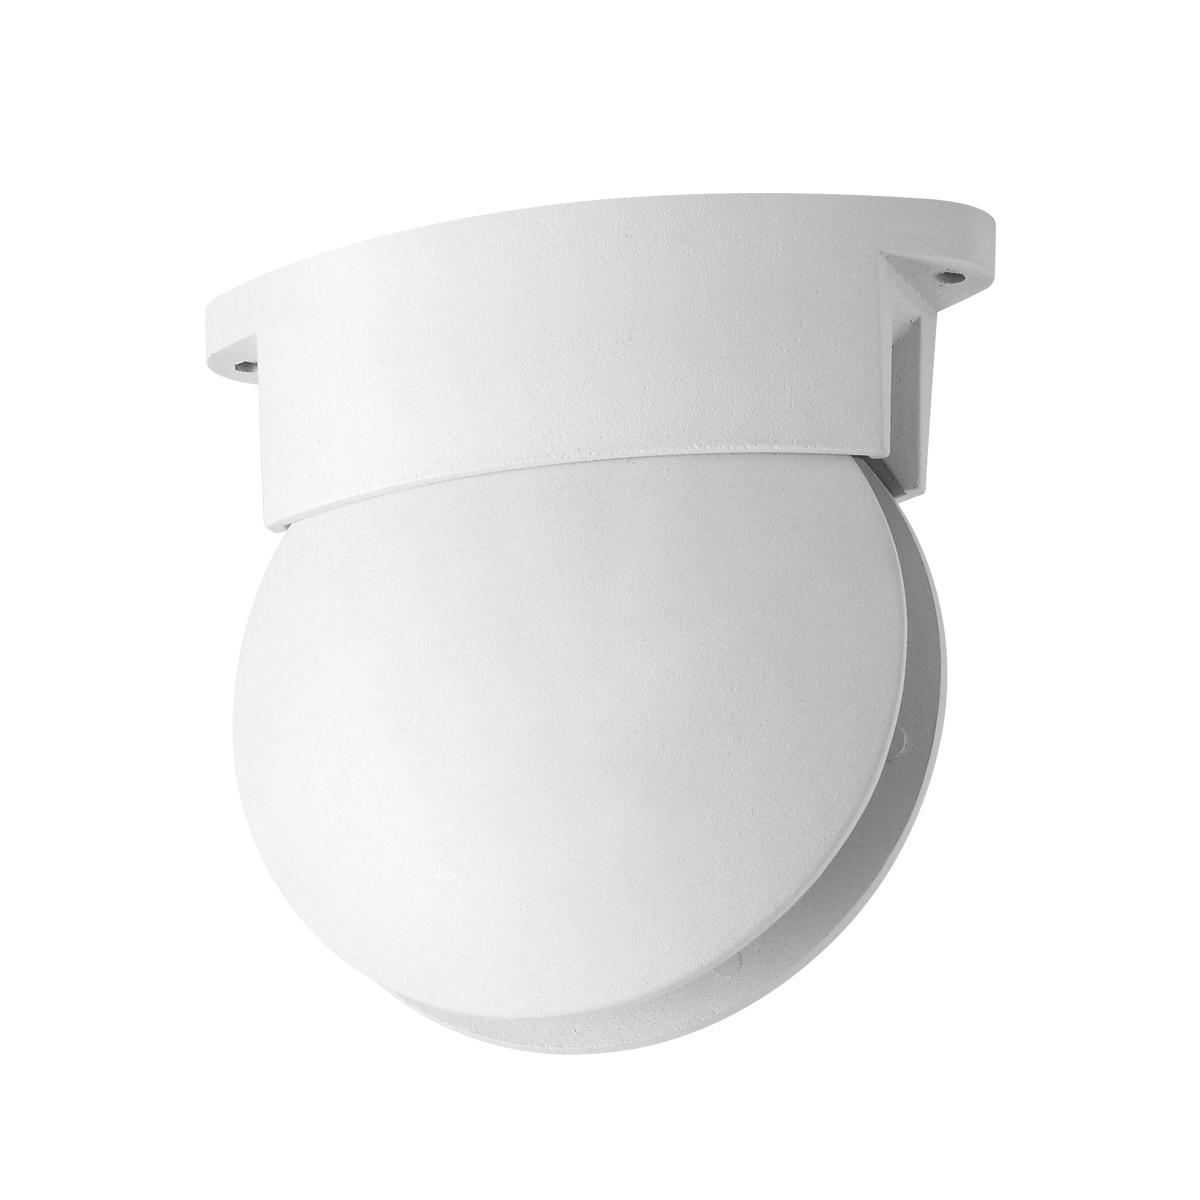 Настенный светодиодный светильник с пультом ДУ Odeon Light Arrow 3916/9CL, IP65, 4000K/RGB (дневной) - фото 2